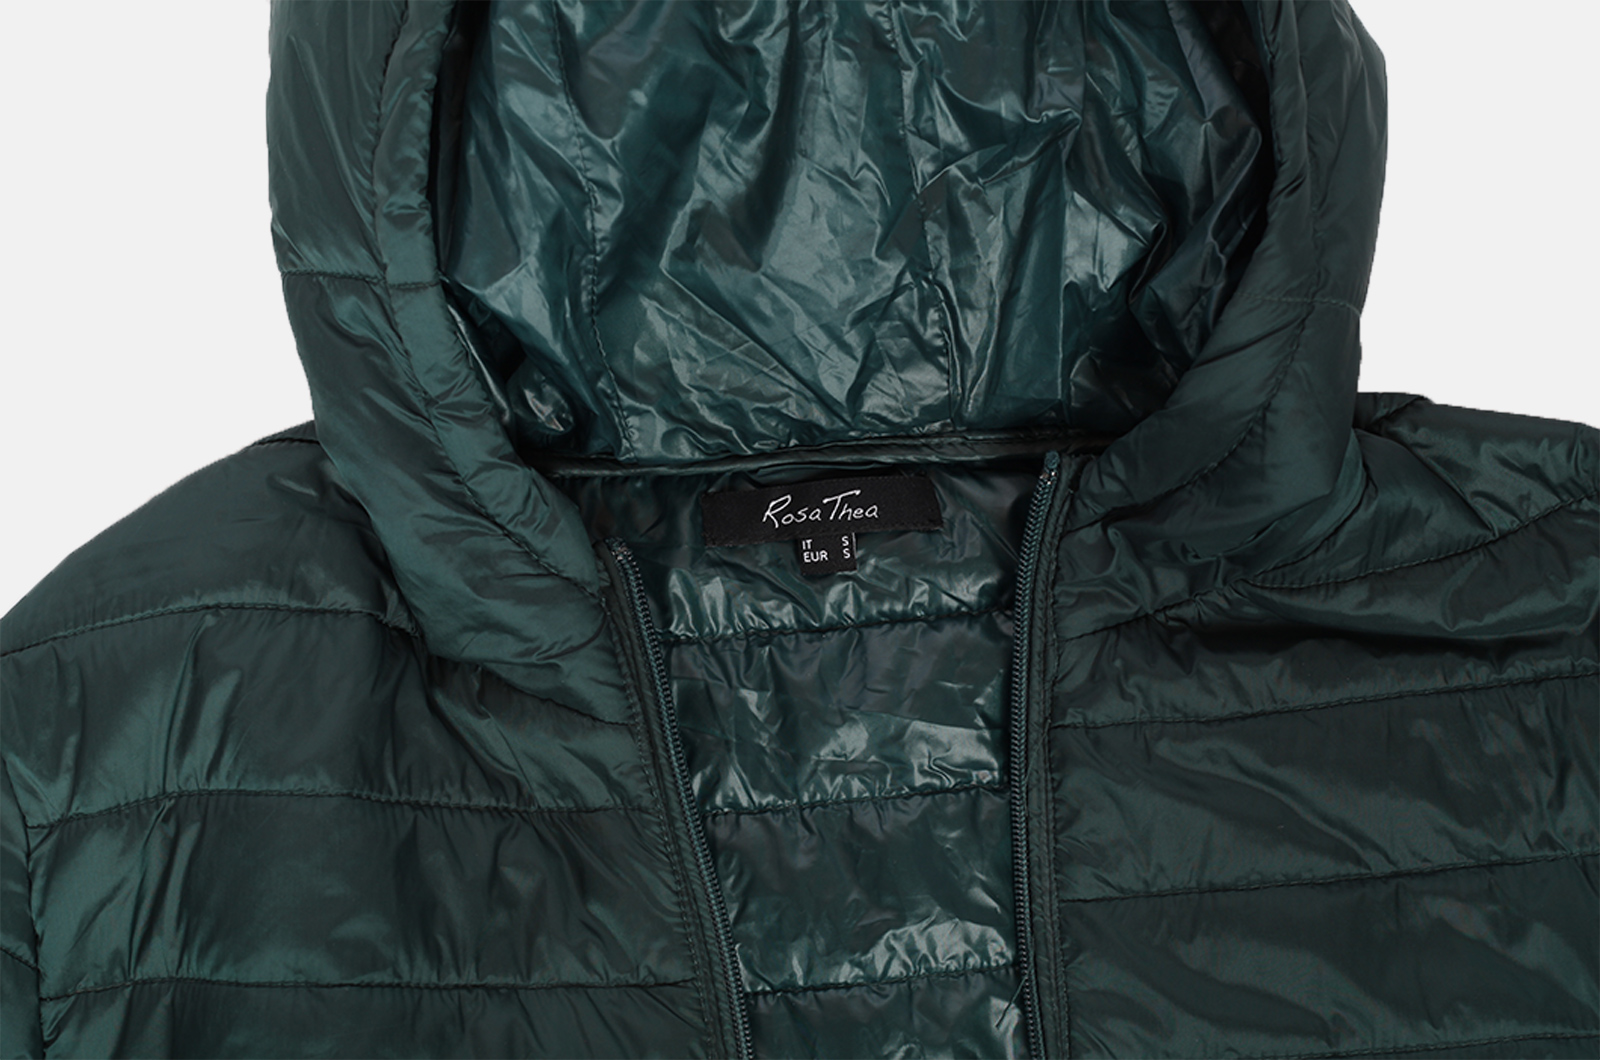 Куртка изумрудного цвета от Rosa Thea (Италия).